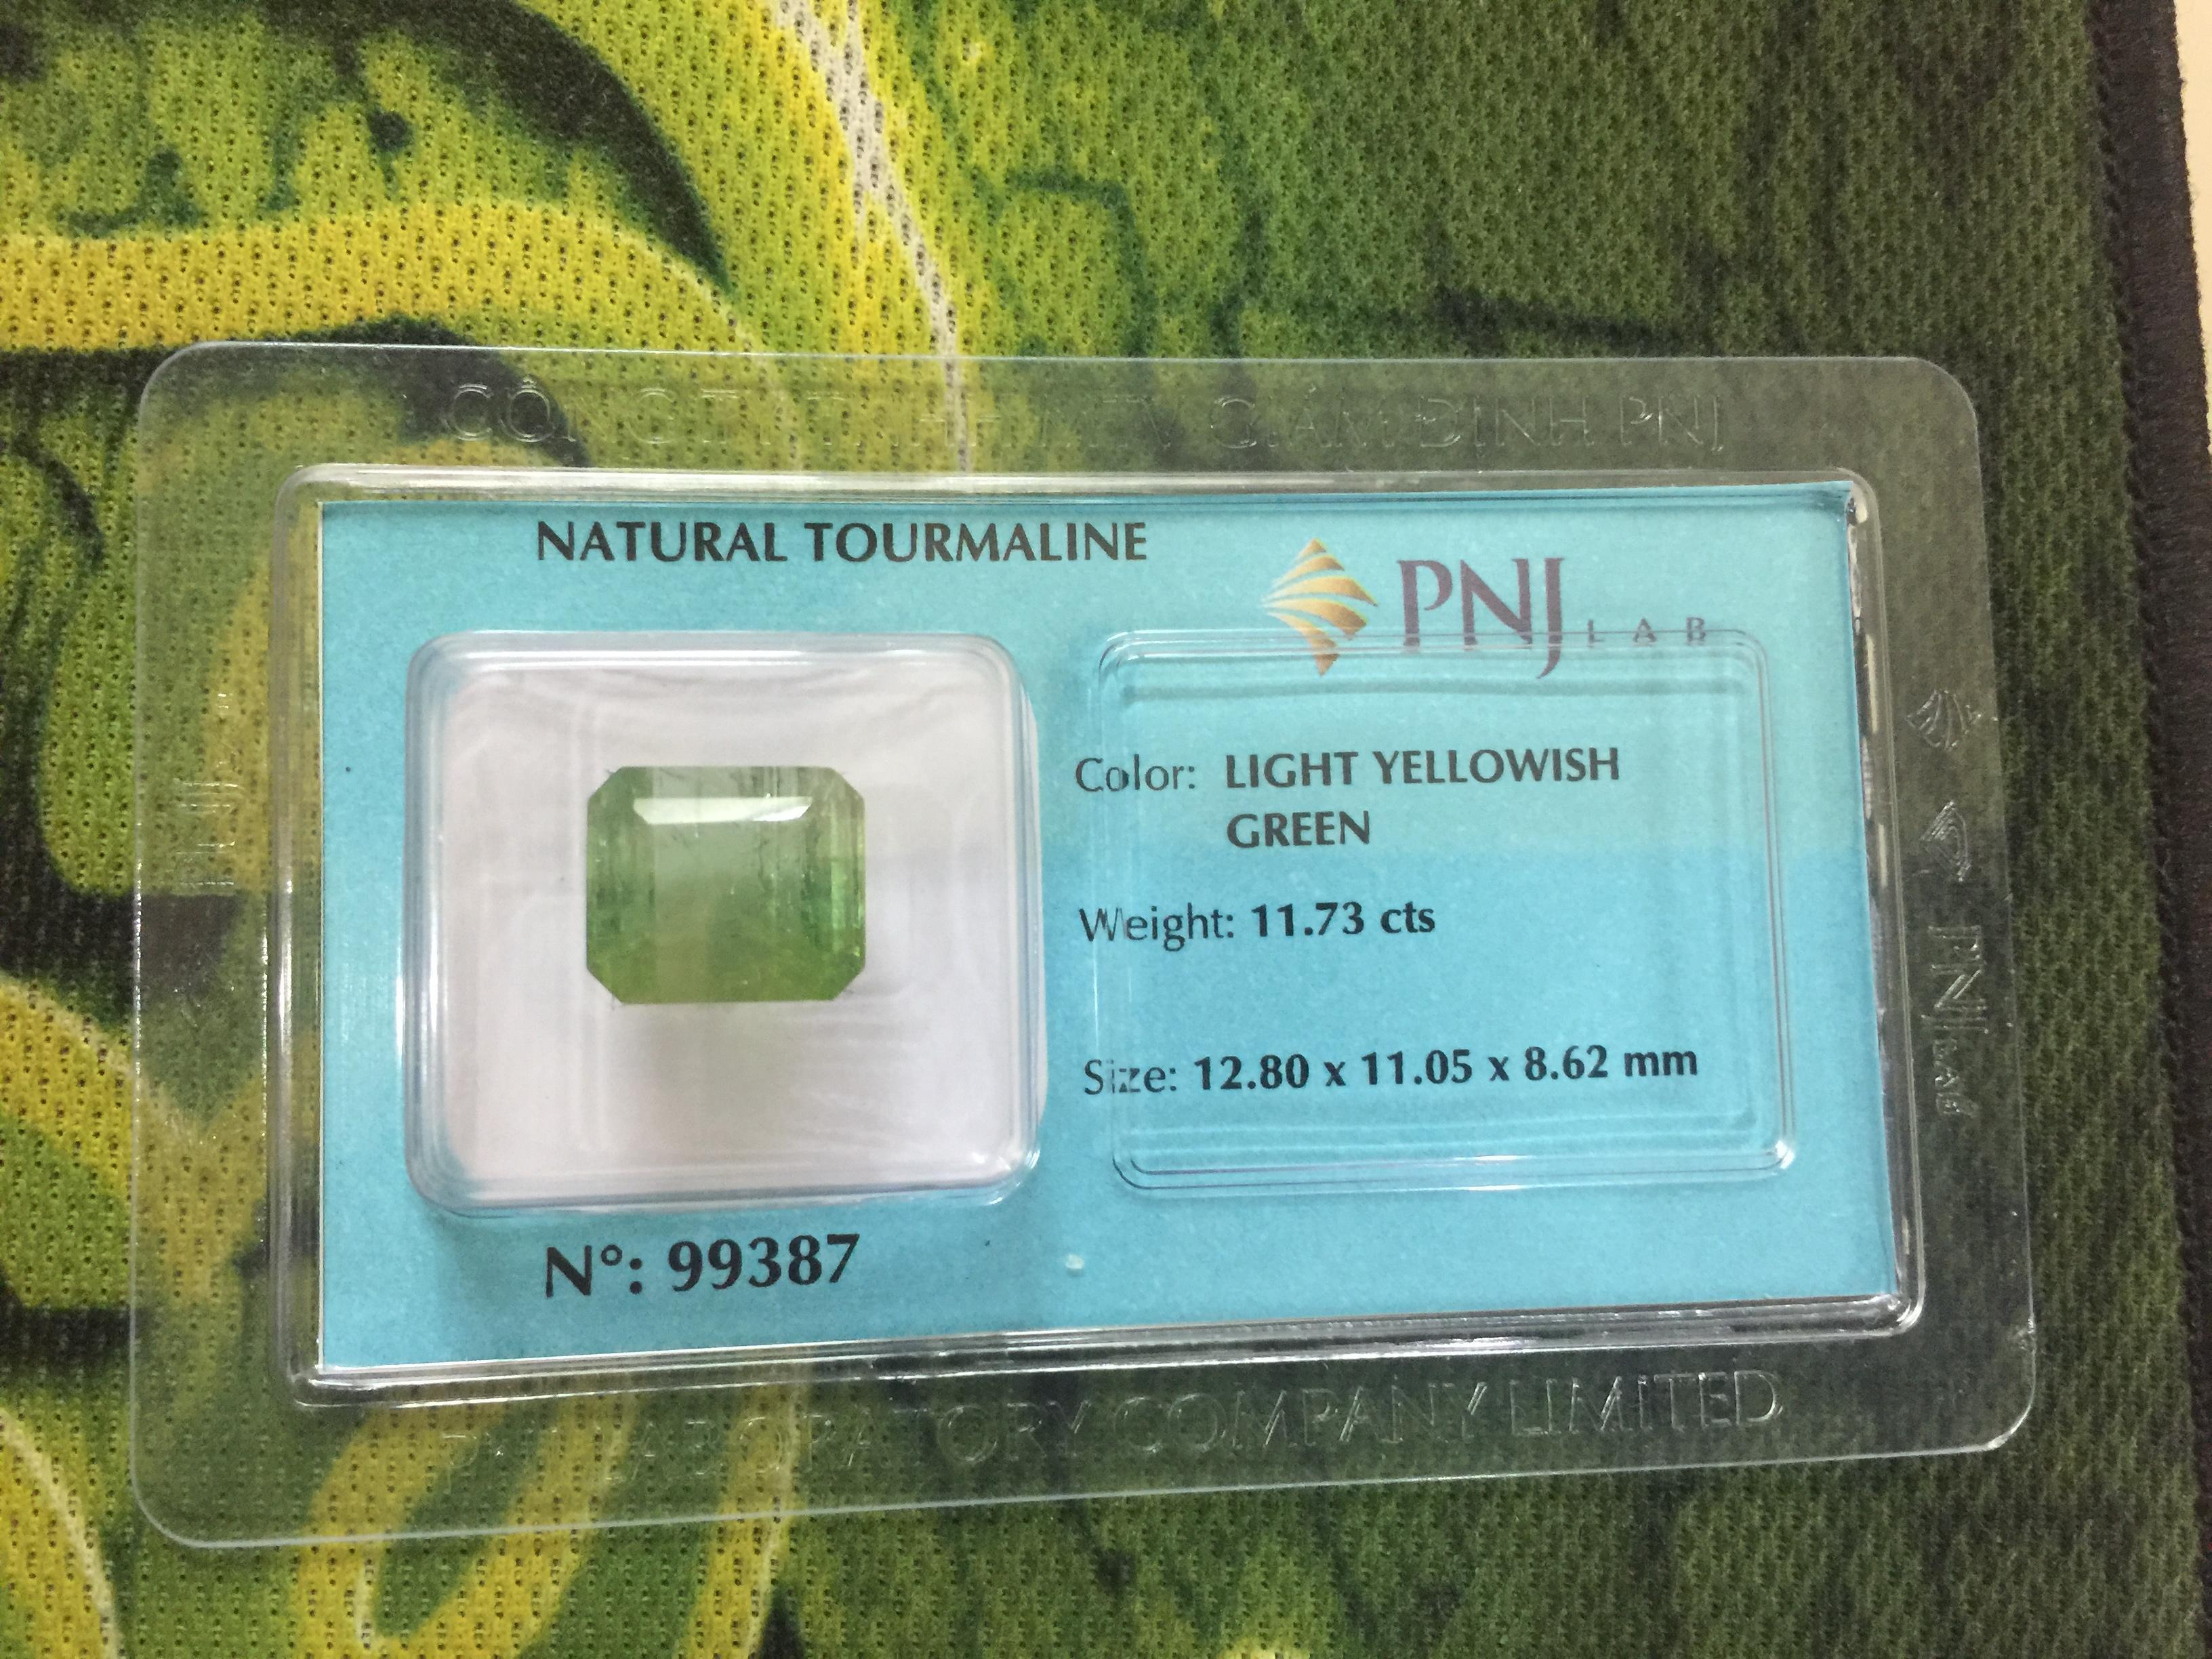 Viên đá Tourmaline thiên nhiên màu xanh vàng PNJ 99387